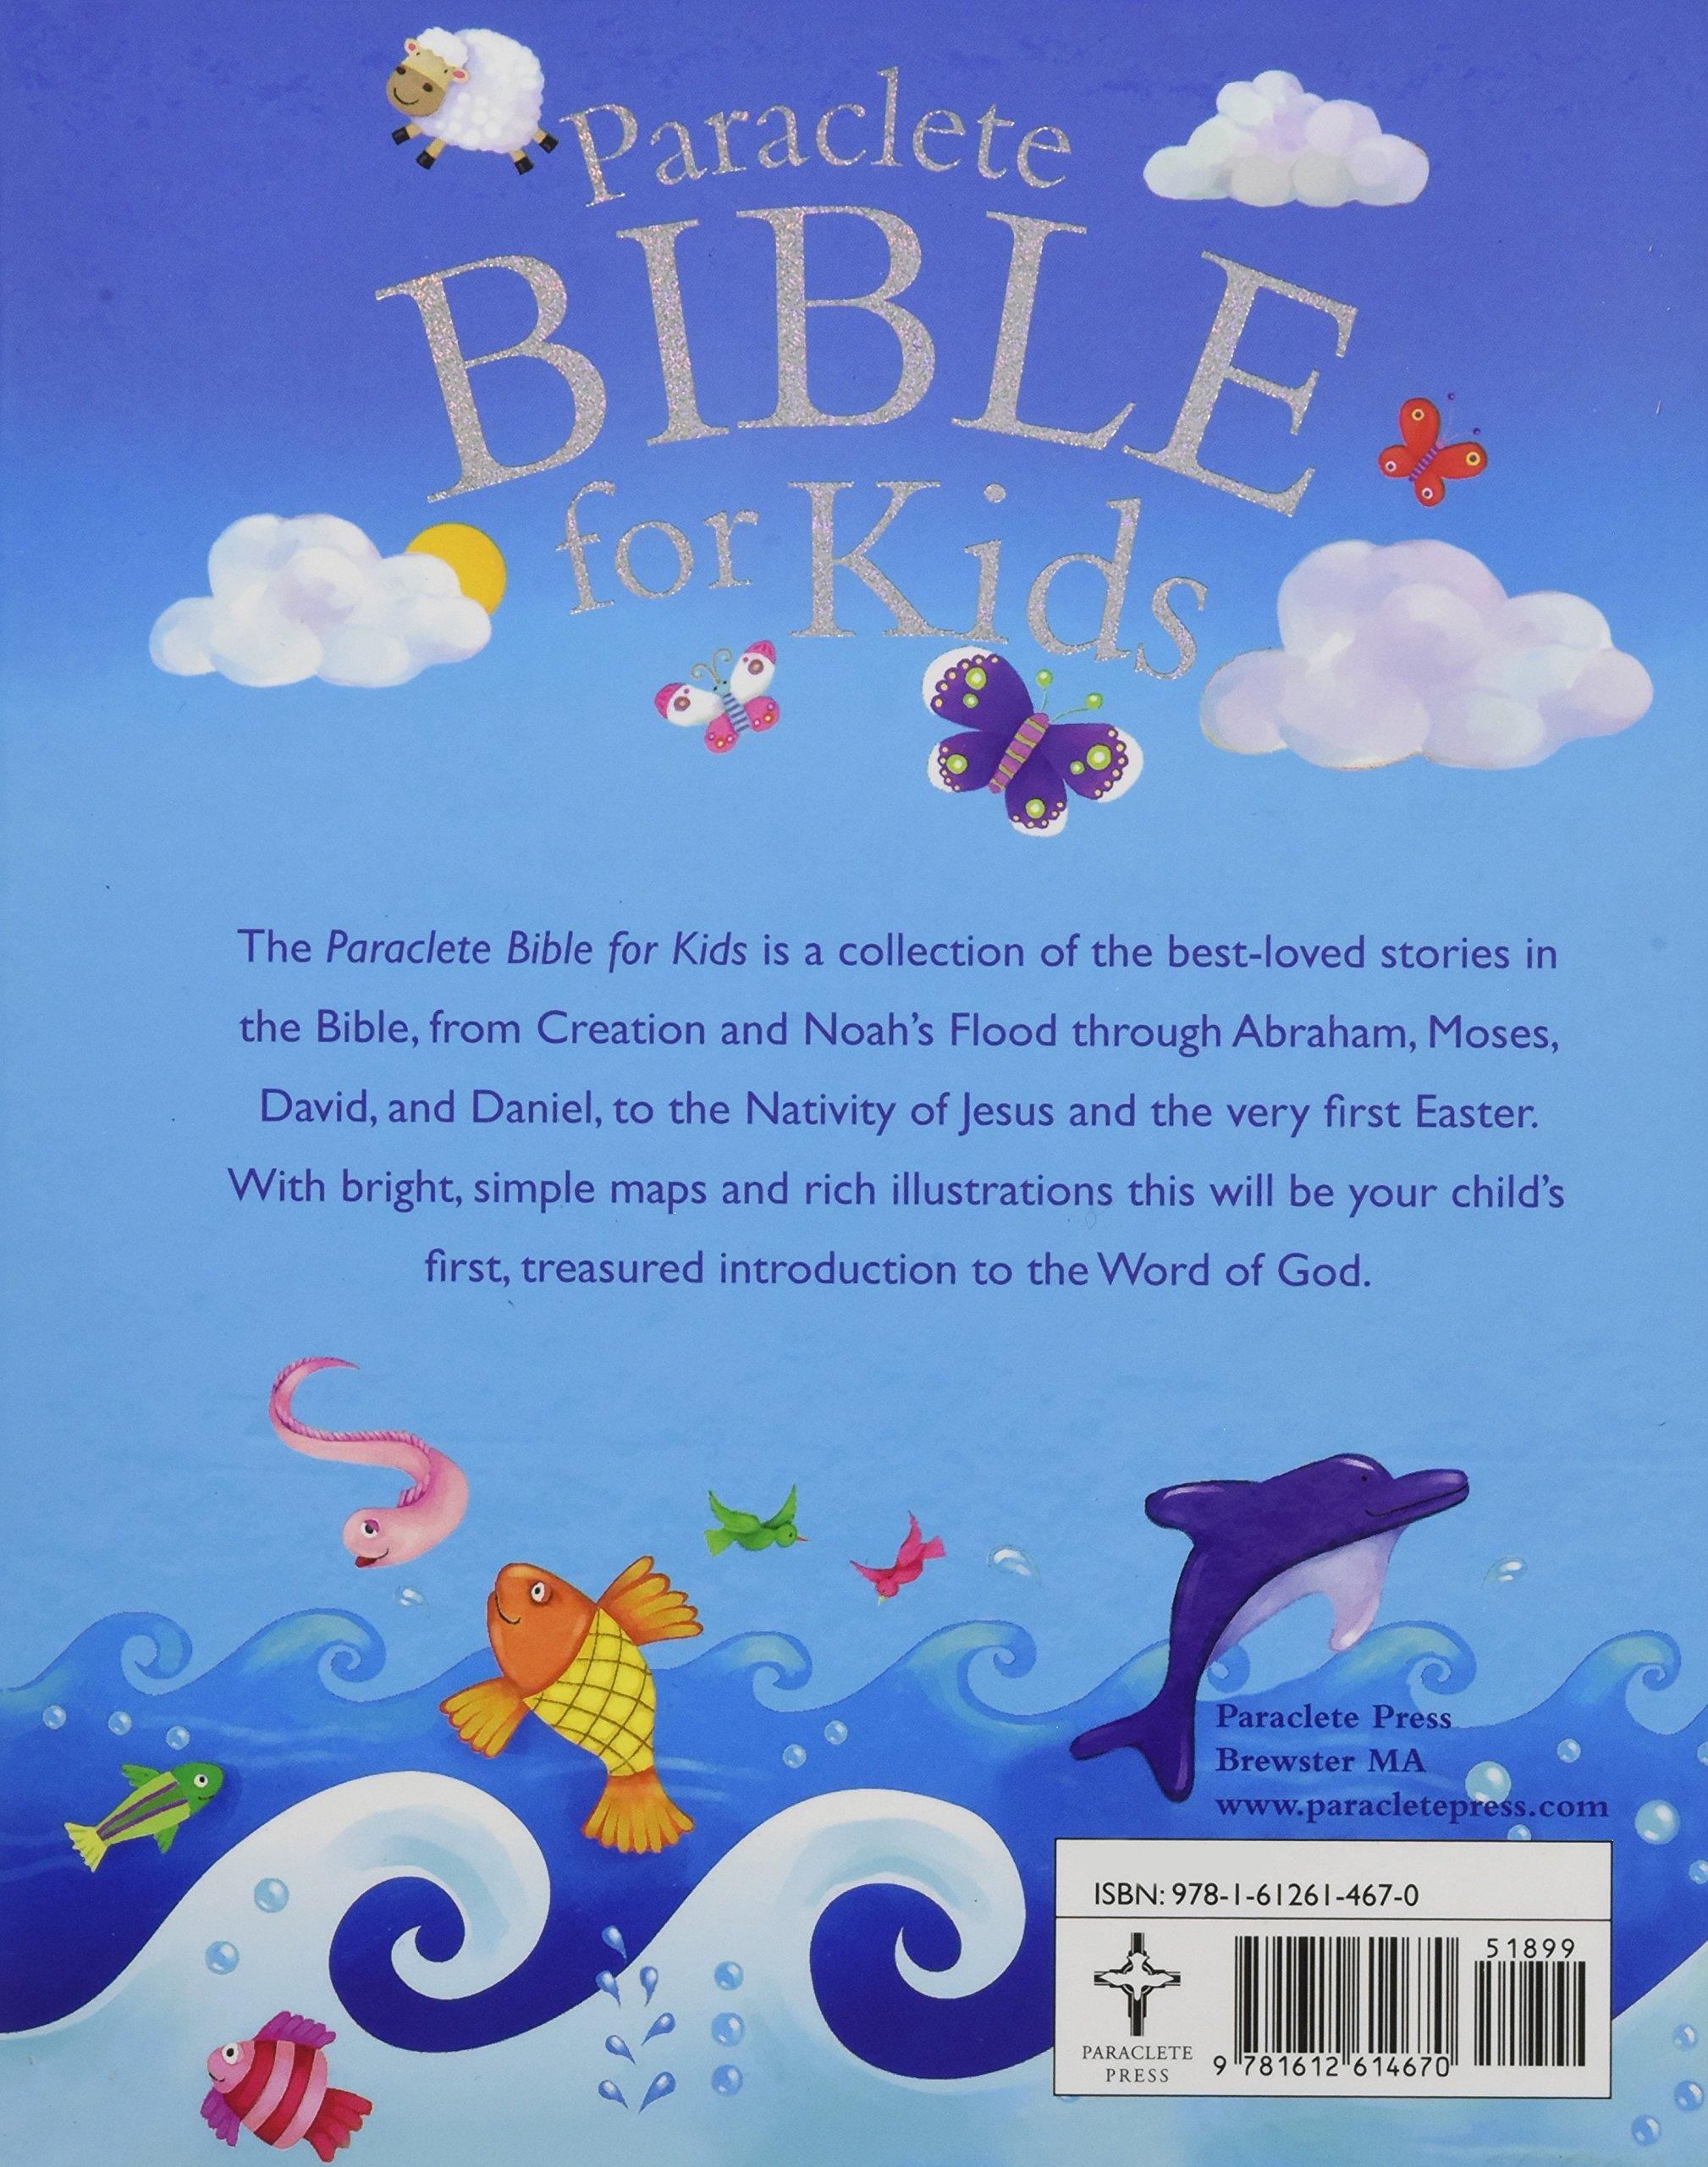 paraclete bible for kids juliet david jo parry 9781612614670